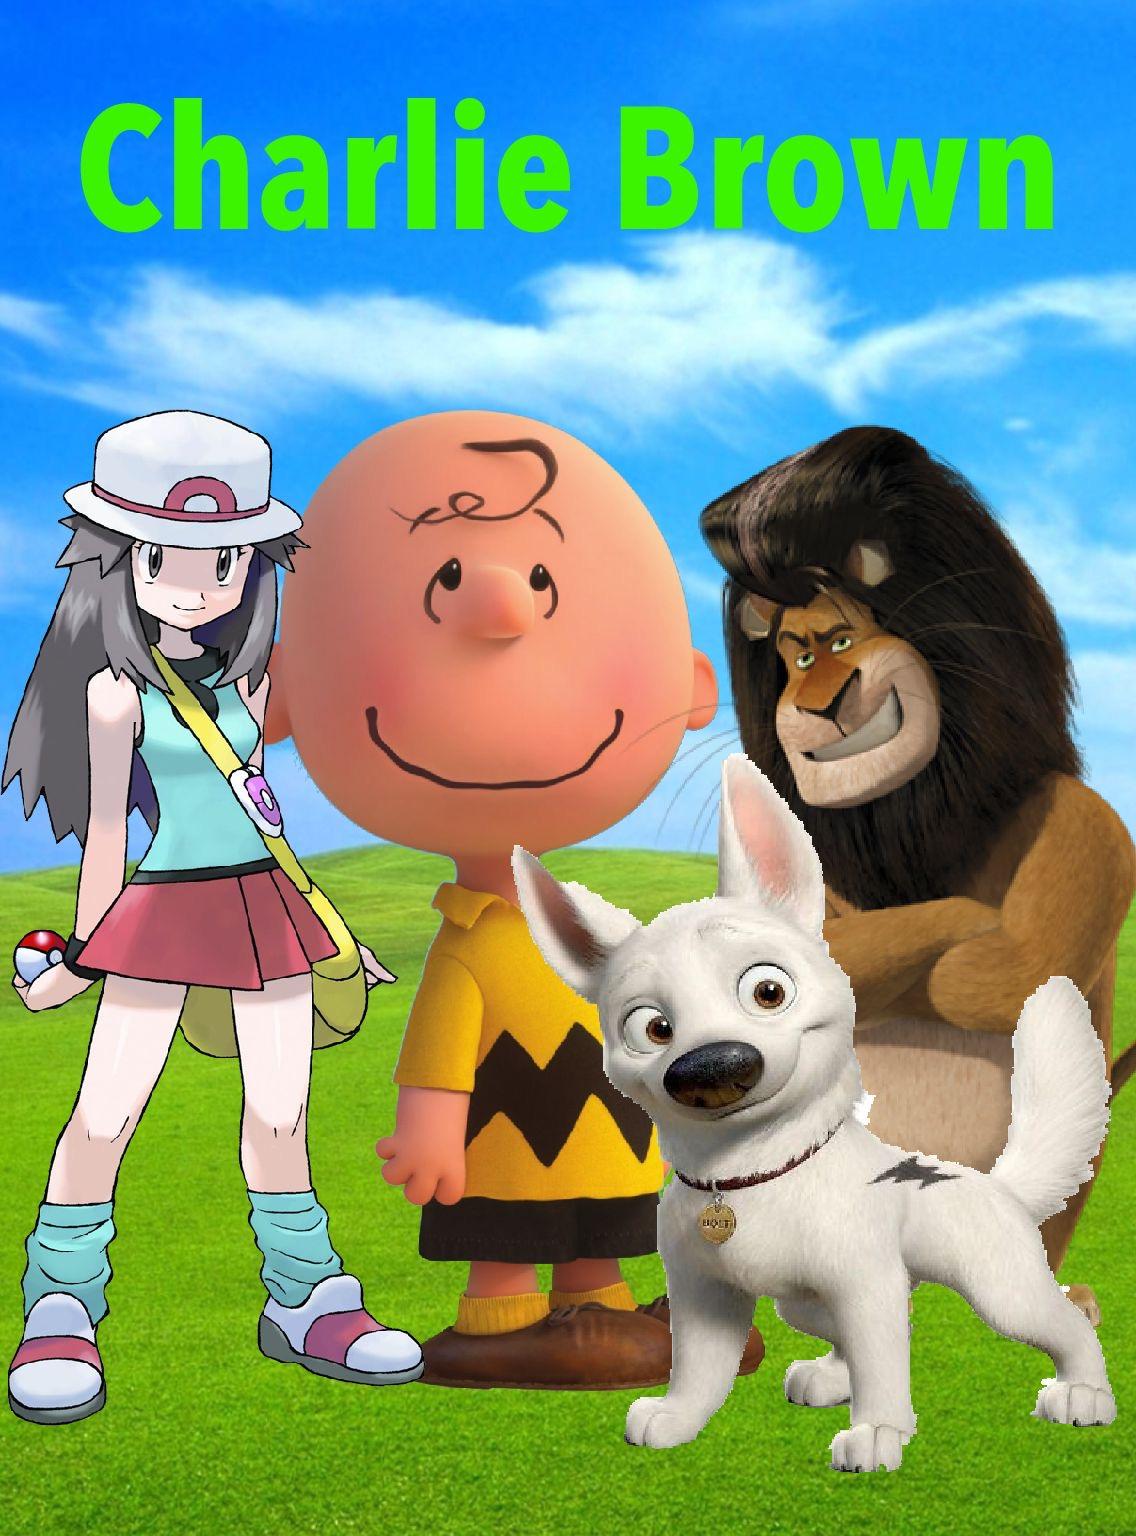 Charlie Brown (Shrek, 2001)